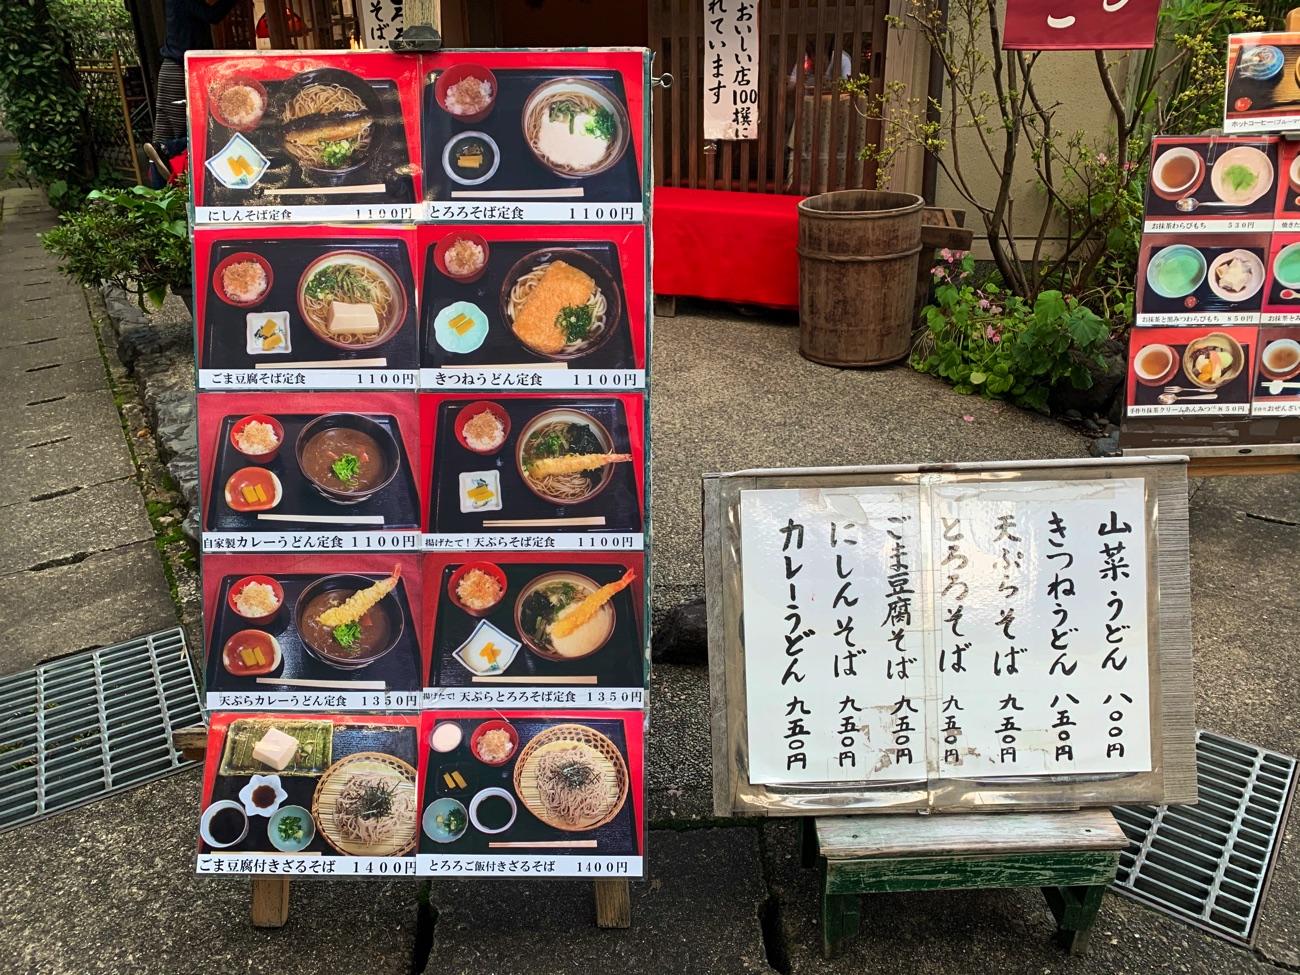 「茶房 至心庵」の食事メニュー